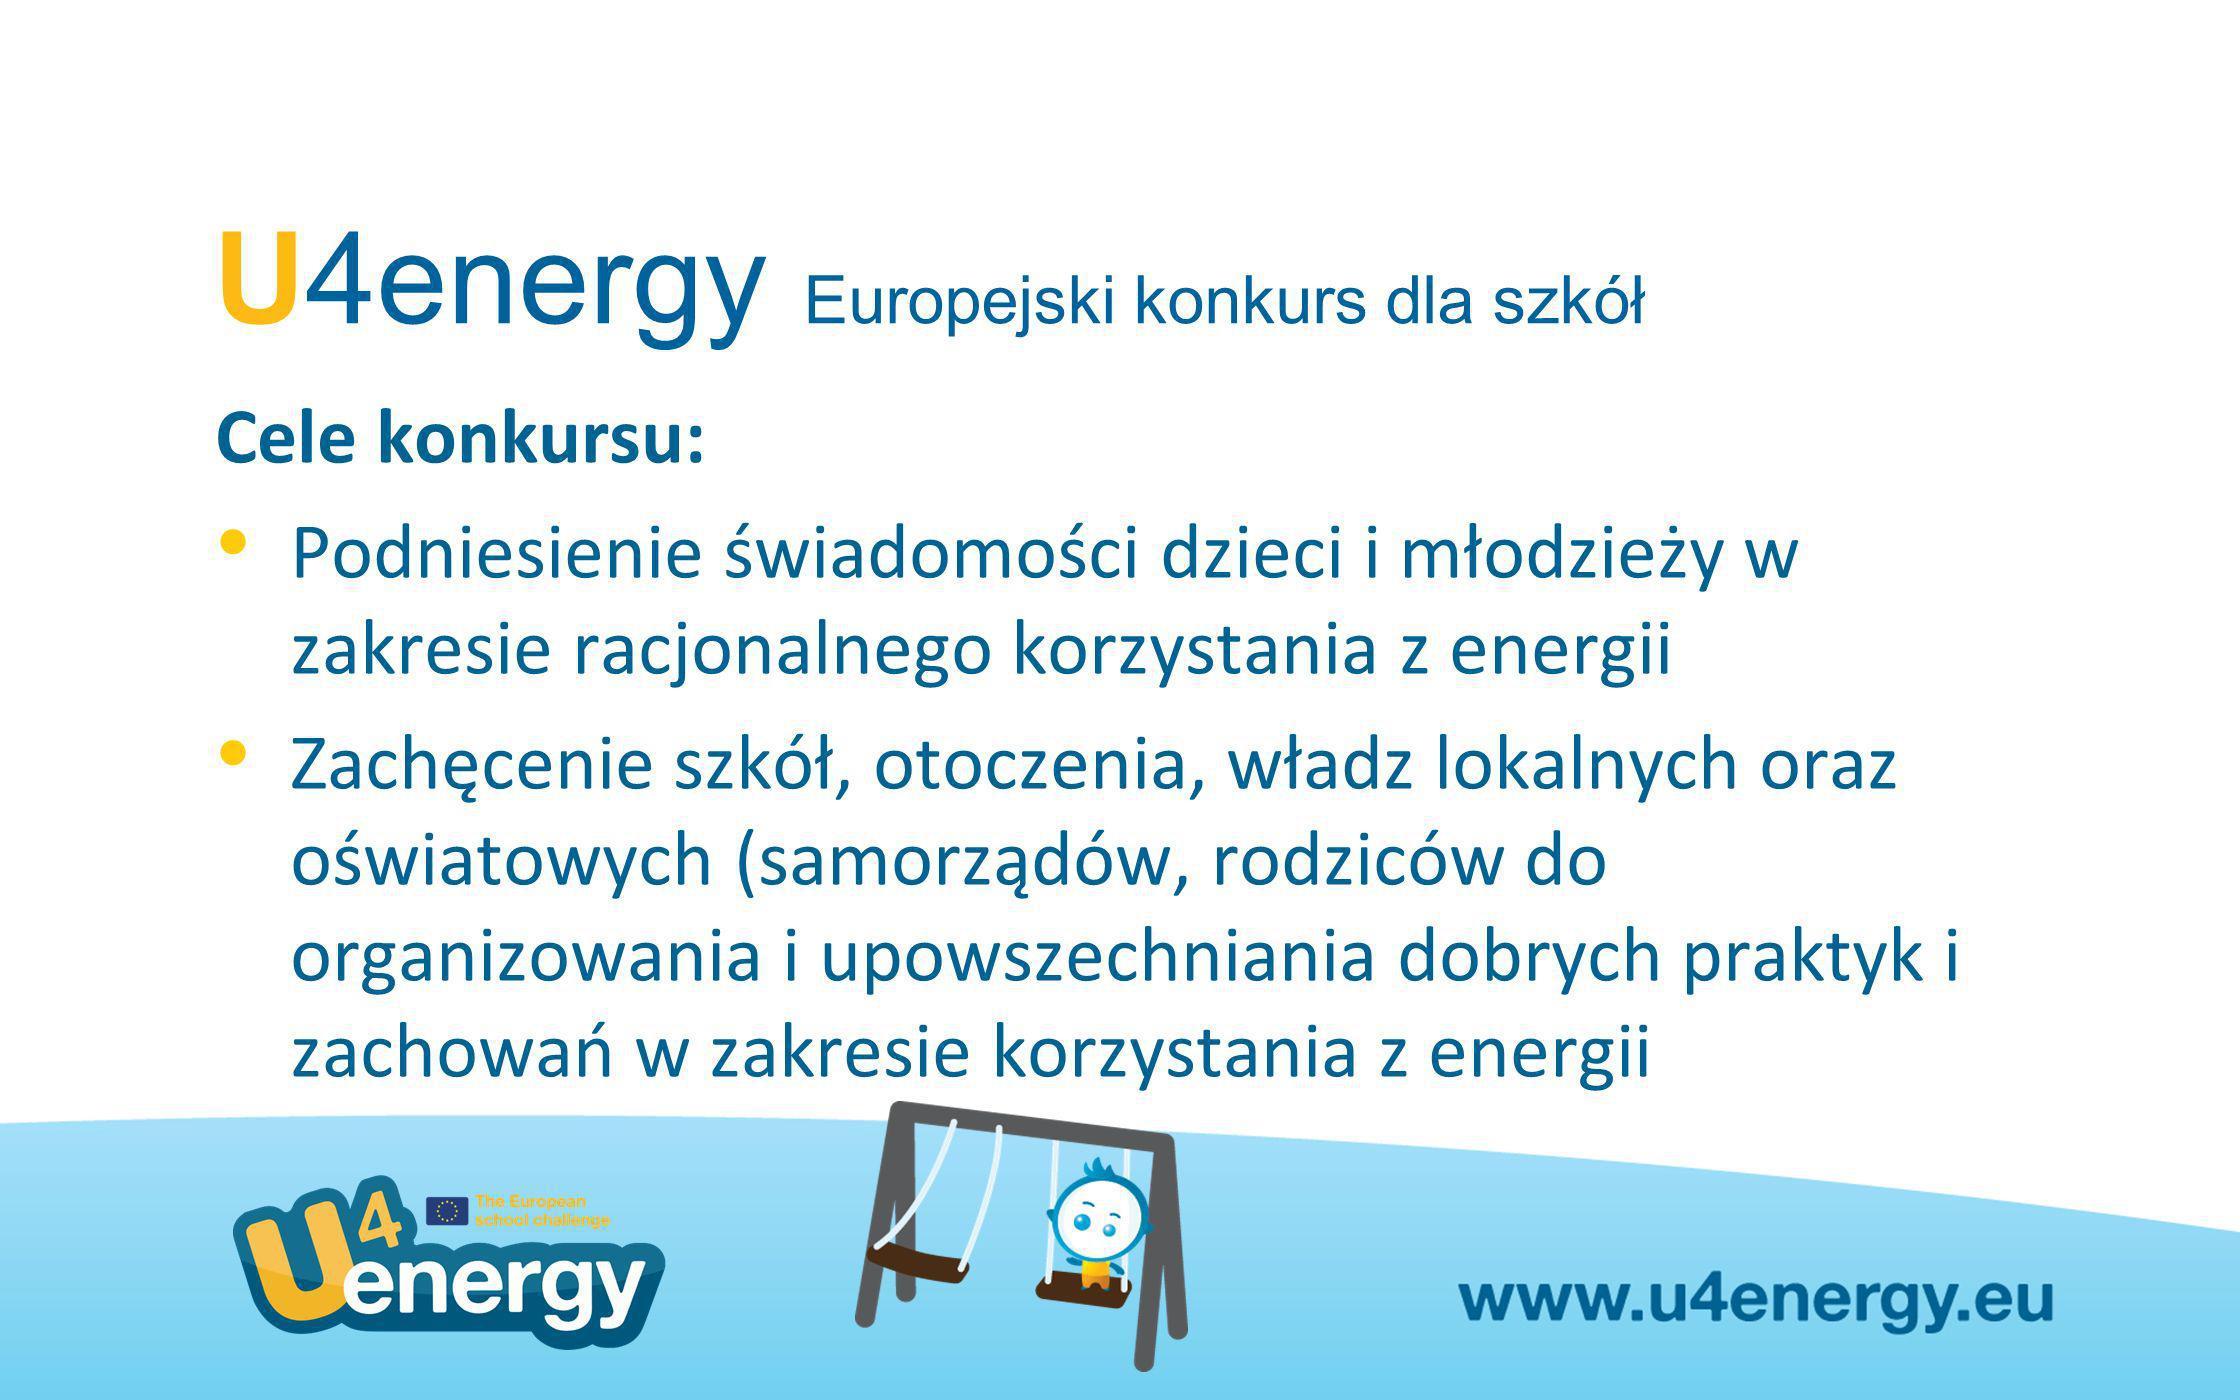 U4energy Europejski konkurs dla szkół Adresaci konkursu: Przedszkola, szkoły podstawowe i ponadpodstawowe (także szkoły zawodowe, technika) z 27 krajów członkowskich UE a także z: Chorwacji, Islandii, Lichtenstein i Norwegii.